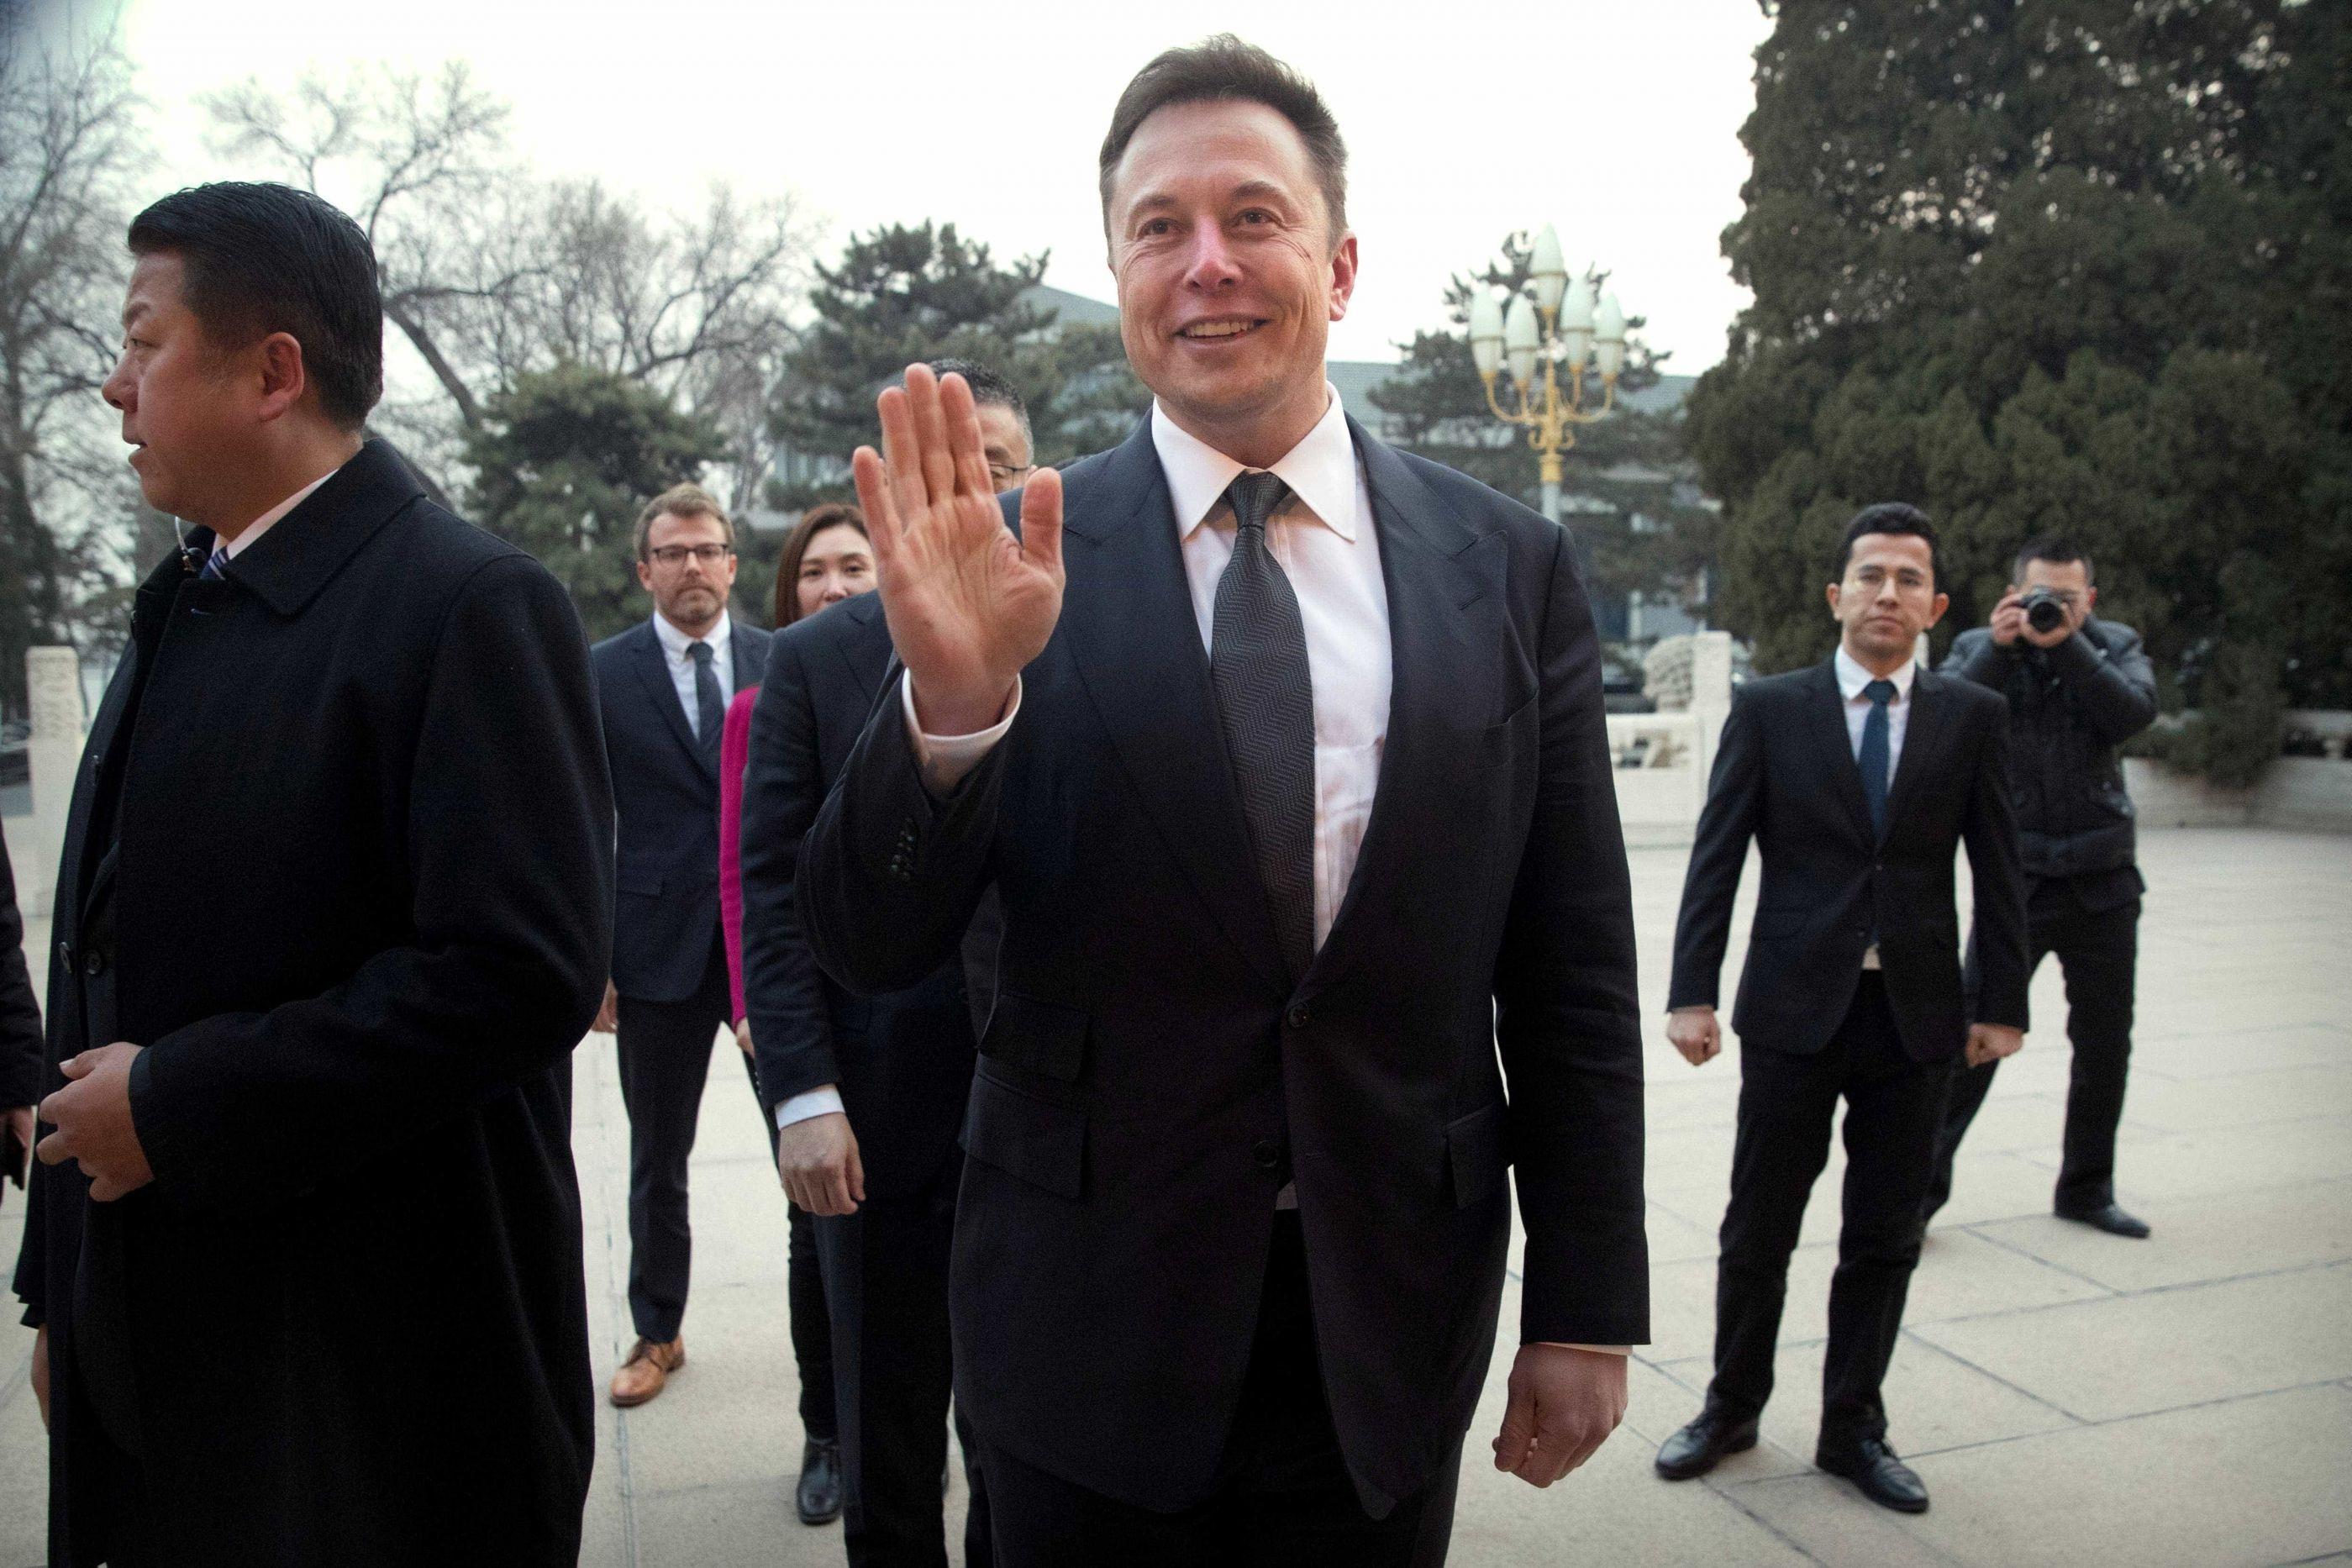 Condução 100% autônoma chega no final do ano, diz CEO da Tesla